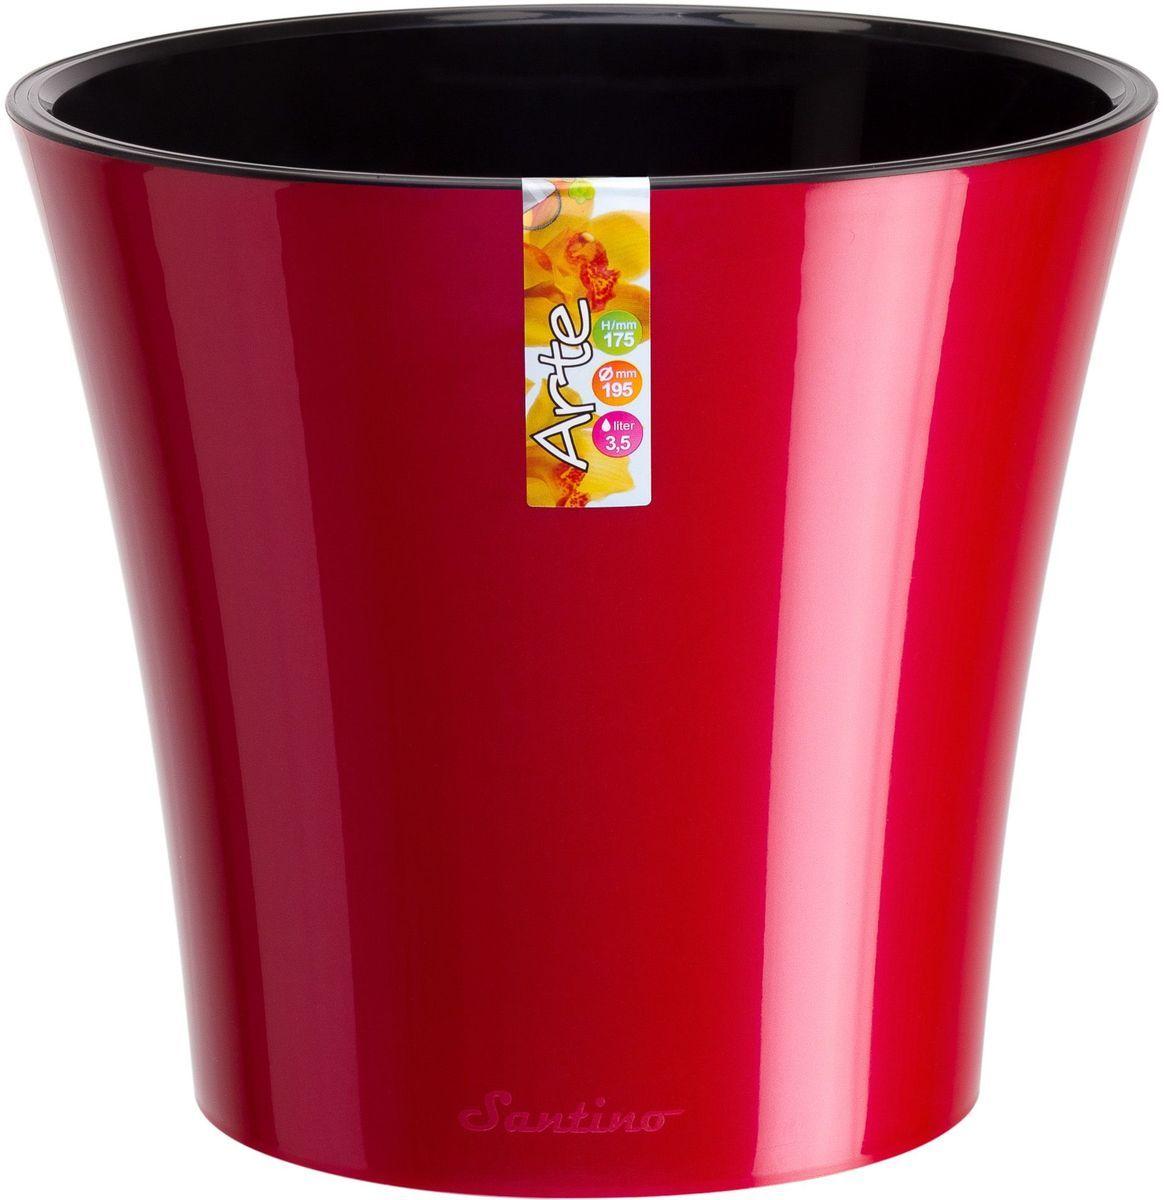 Горшок цветочный Santino Арте, двойной, с системой автополива, цвет: красный, черный, 5 лАРТ 5 К-ЧСистем автополива - гарантия здоровья ваших цветов. Экономия времени - решение для самых занятых. Чистота и удобство - нет протекания воды при поливе. Здоровые корини - нет застаивания корней в воде. Оптимальный рост - корни обеспечены циркуляцией воздуха.